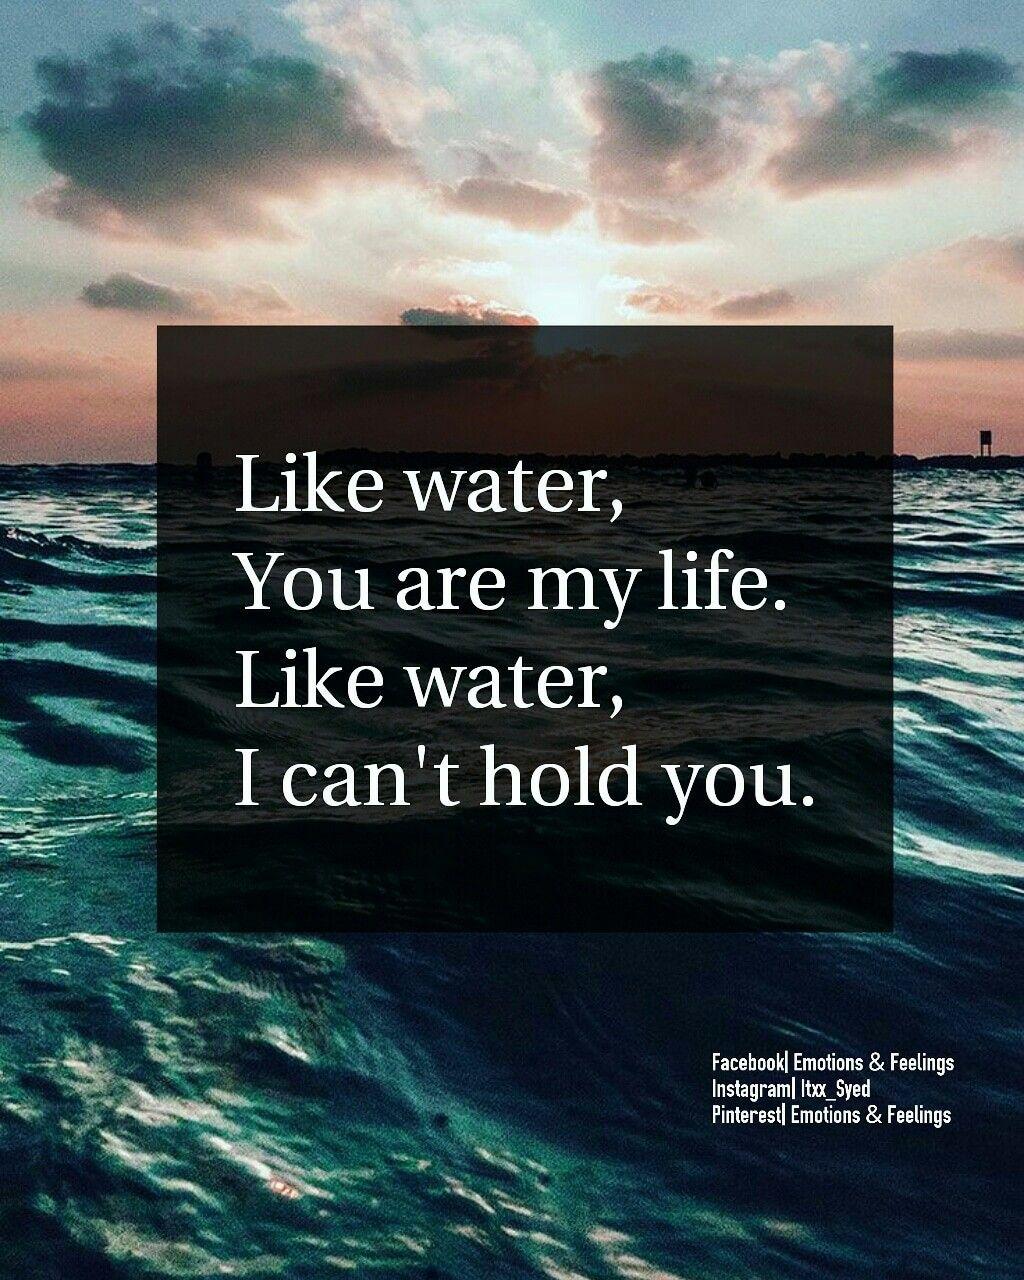 Emotions Feelings Emotionsandfeelings Quotes Poetry Gameposts Funnyposts Instagram Facebook Motivasi